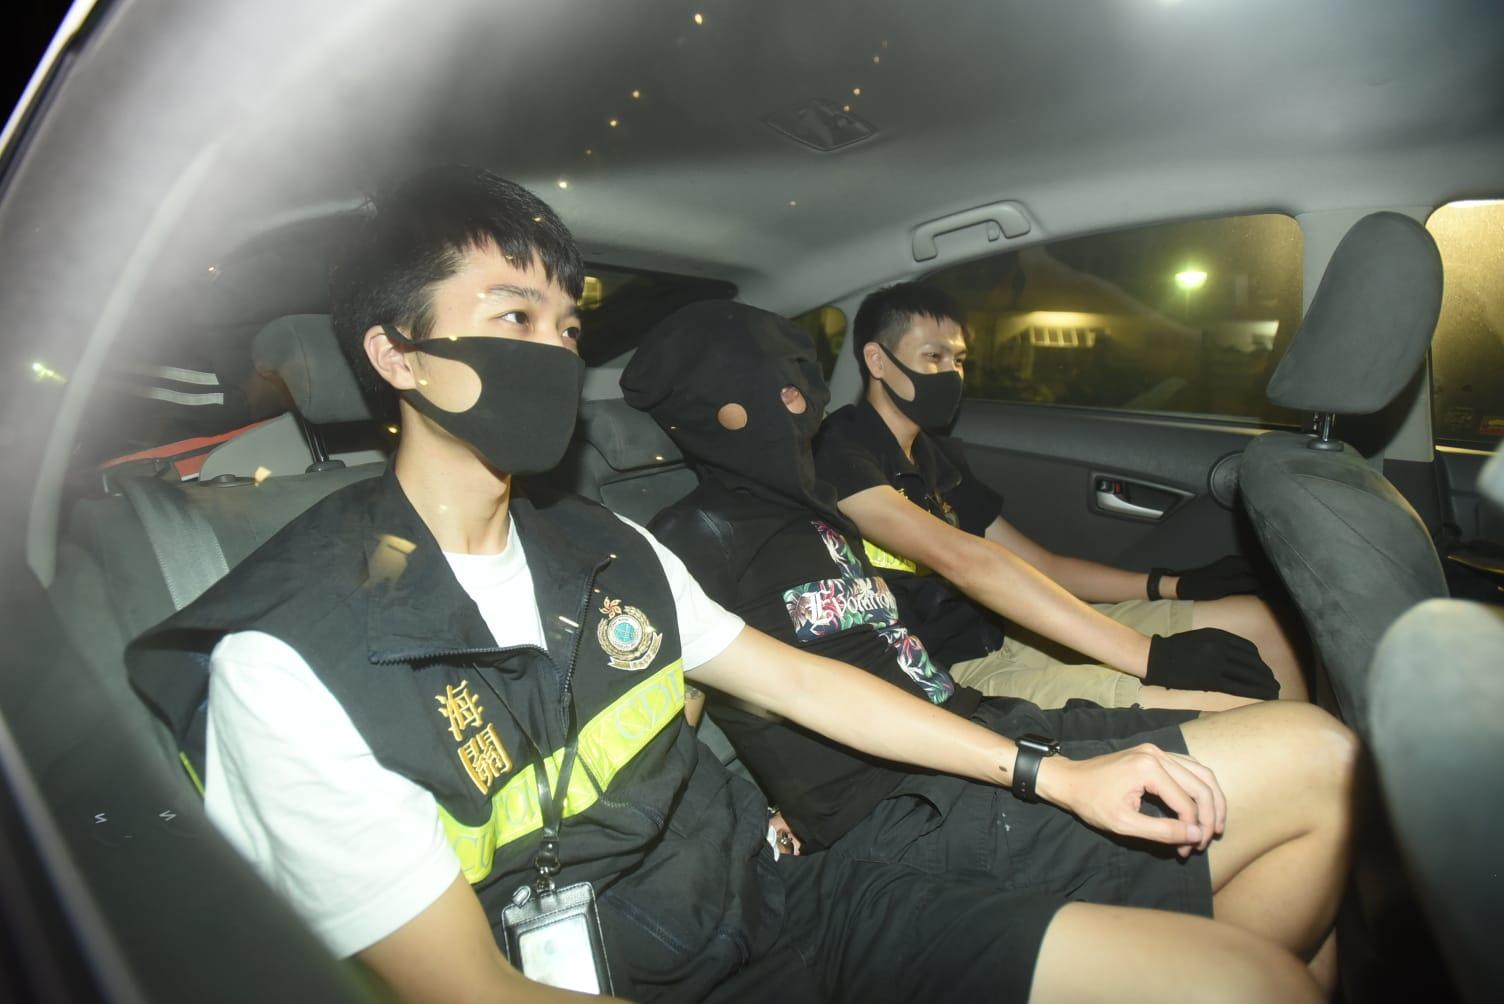 猫狗粮袋藏K仔 海关青衣拘两汉检140万货